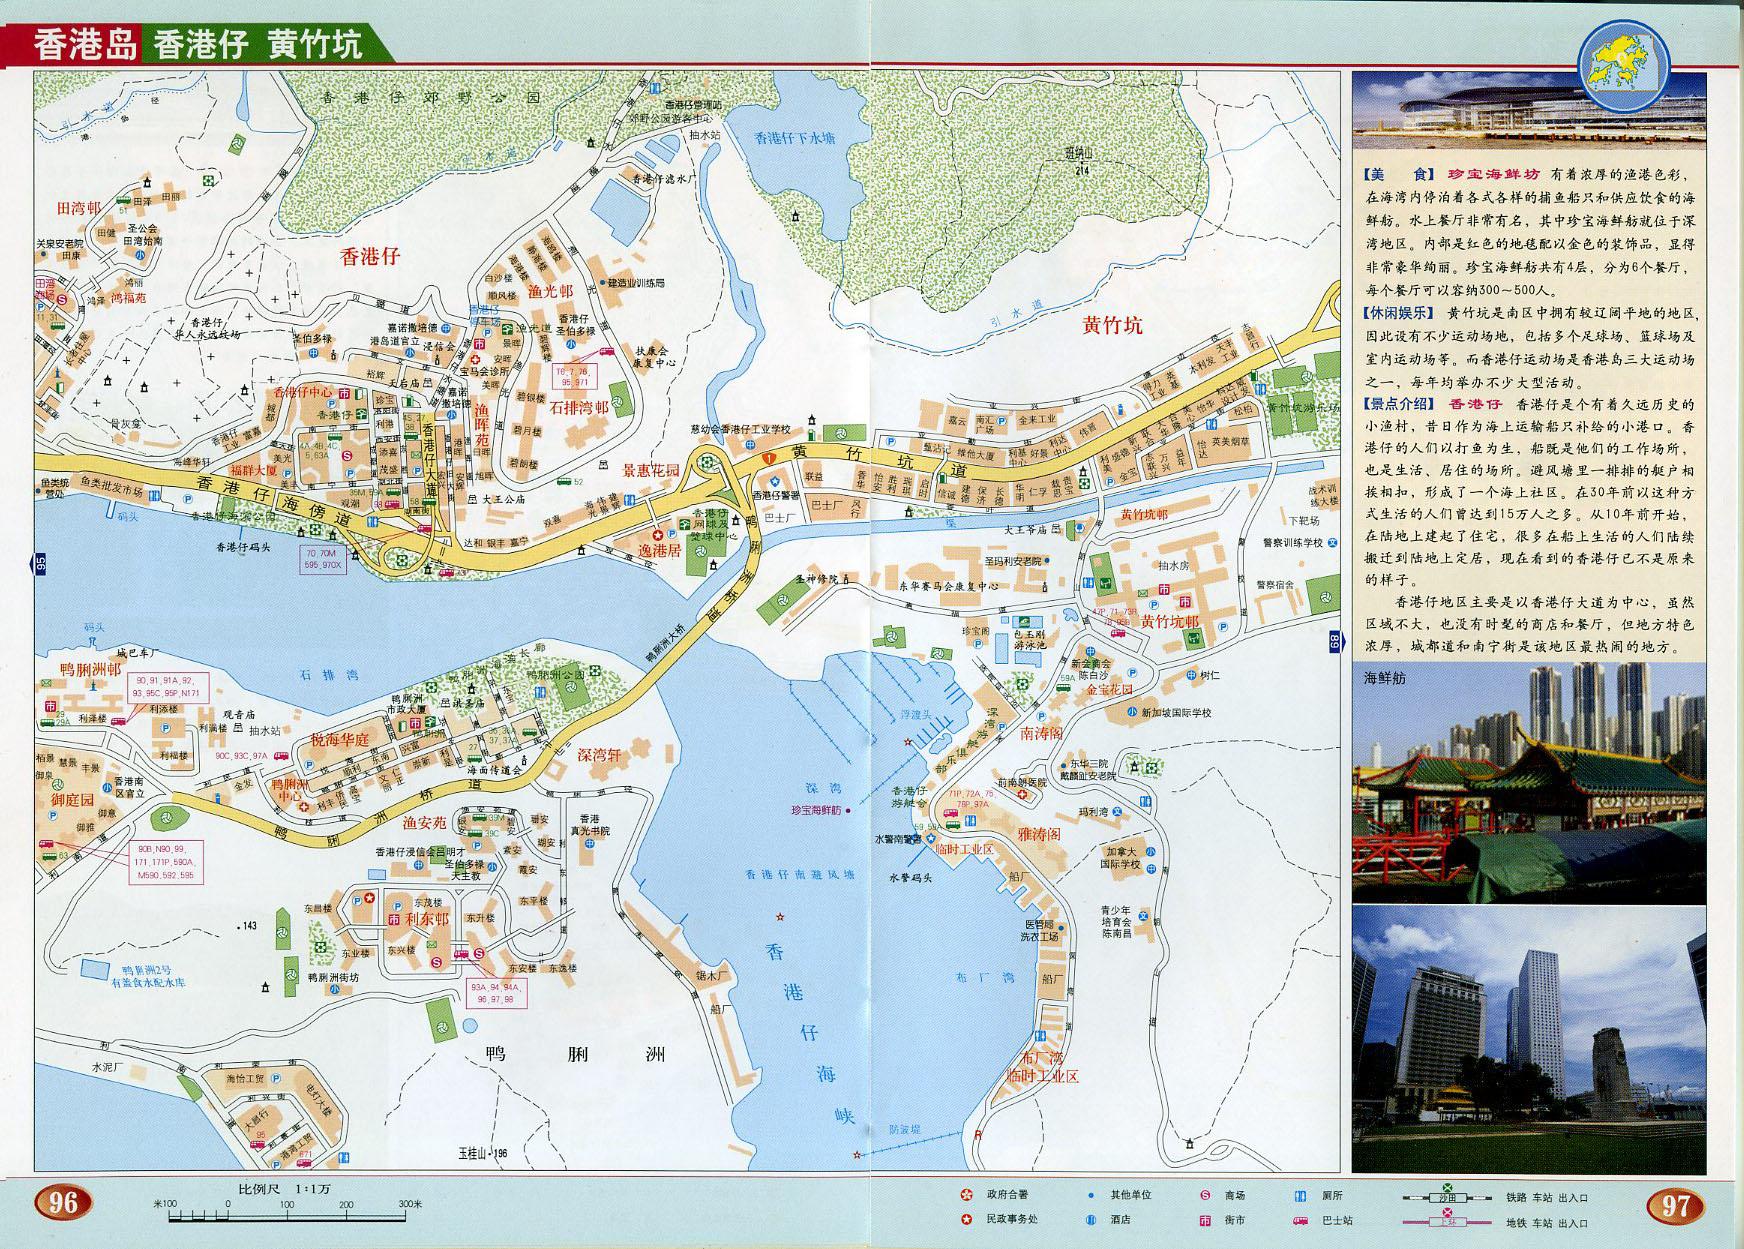 香港岛 香港仔地图高清版